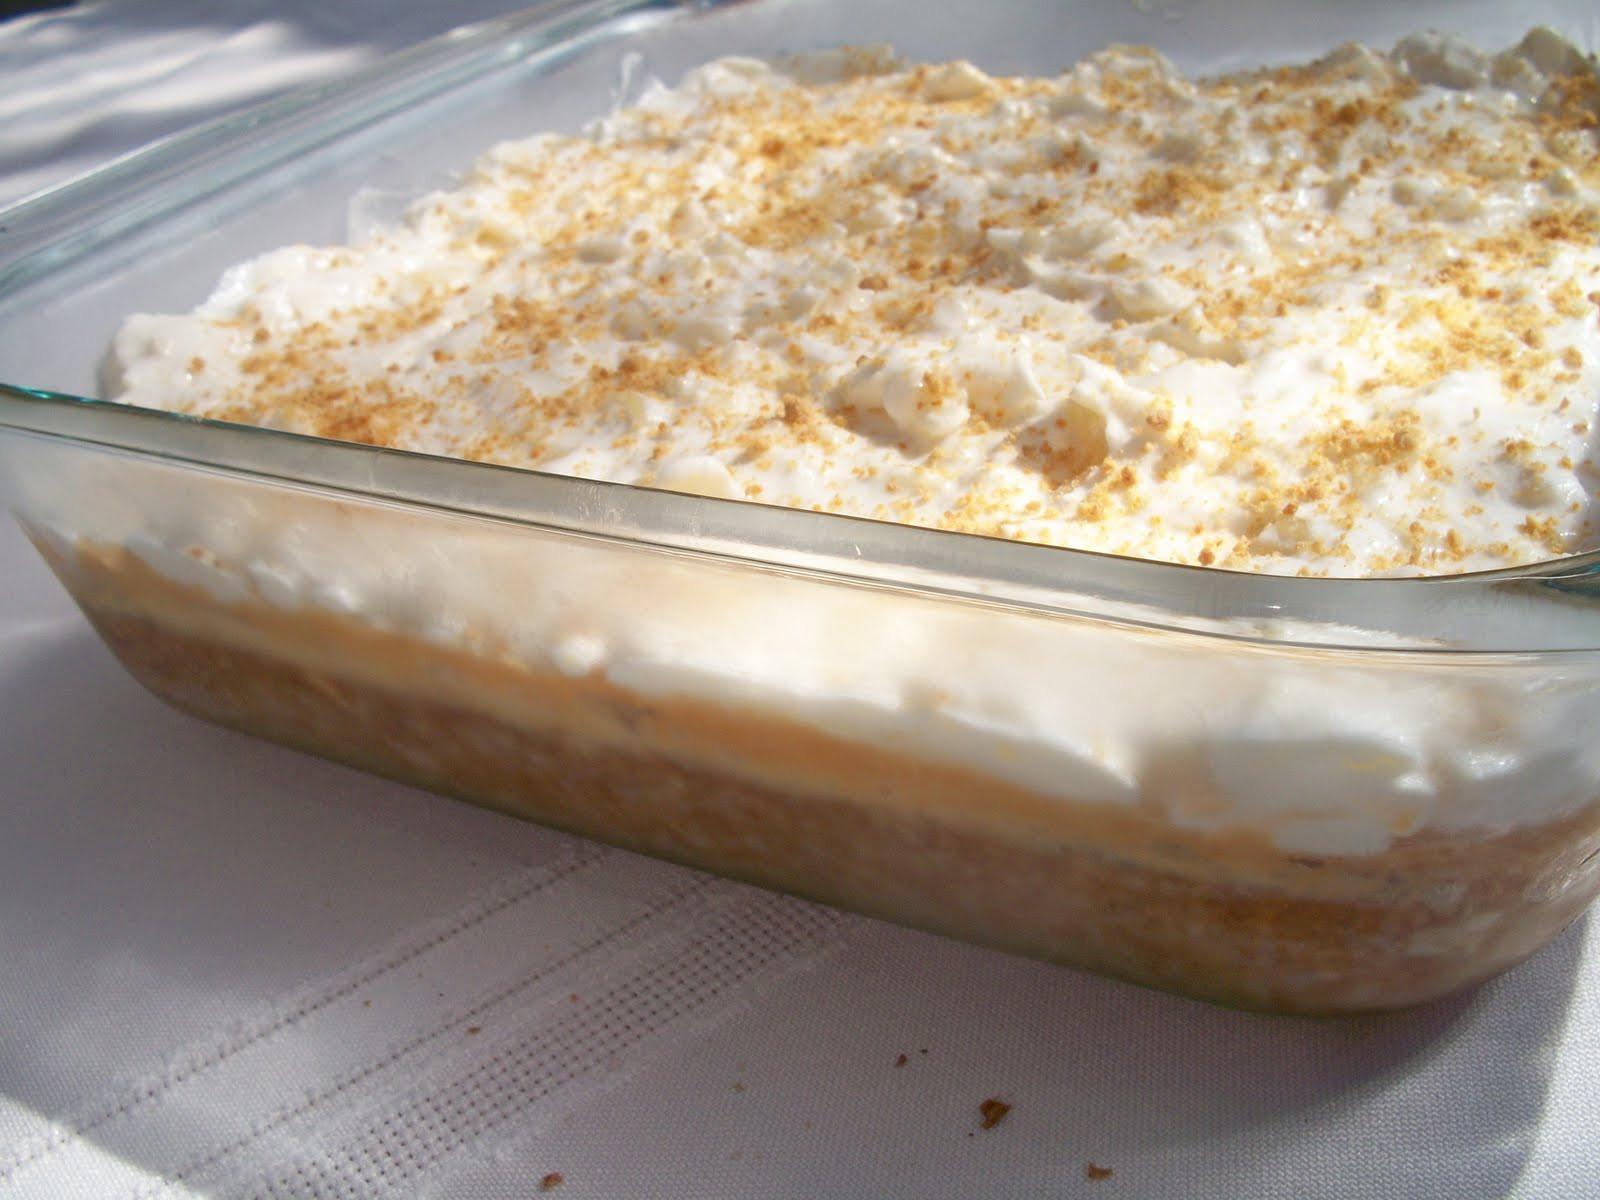 Graham Cracker Dessert  Brooke Bakes Pineapple Delight Dessert